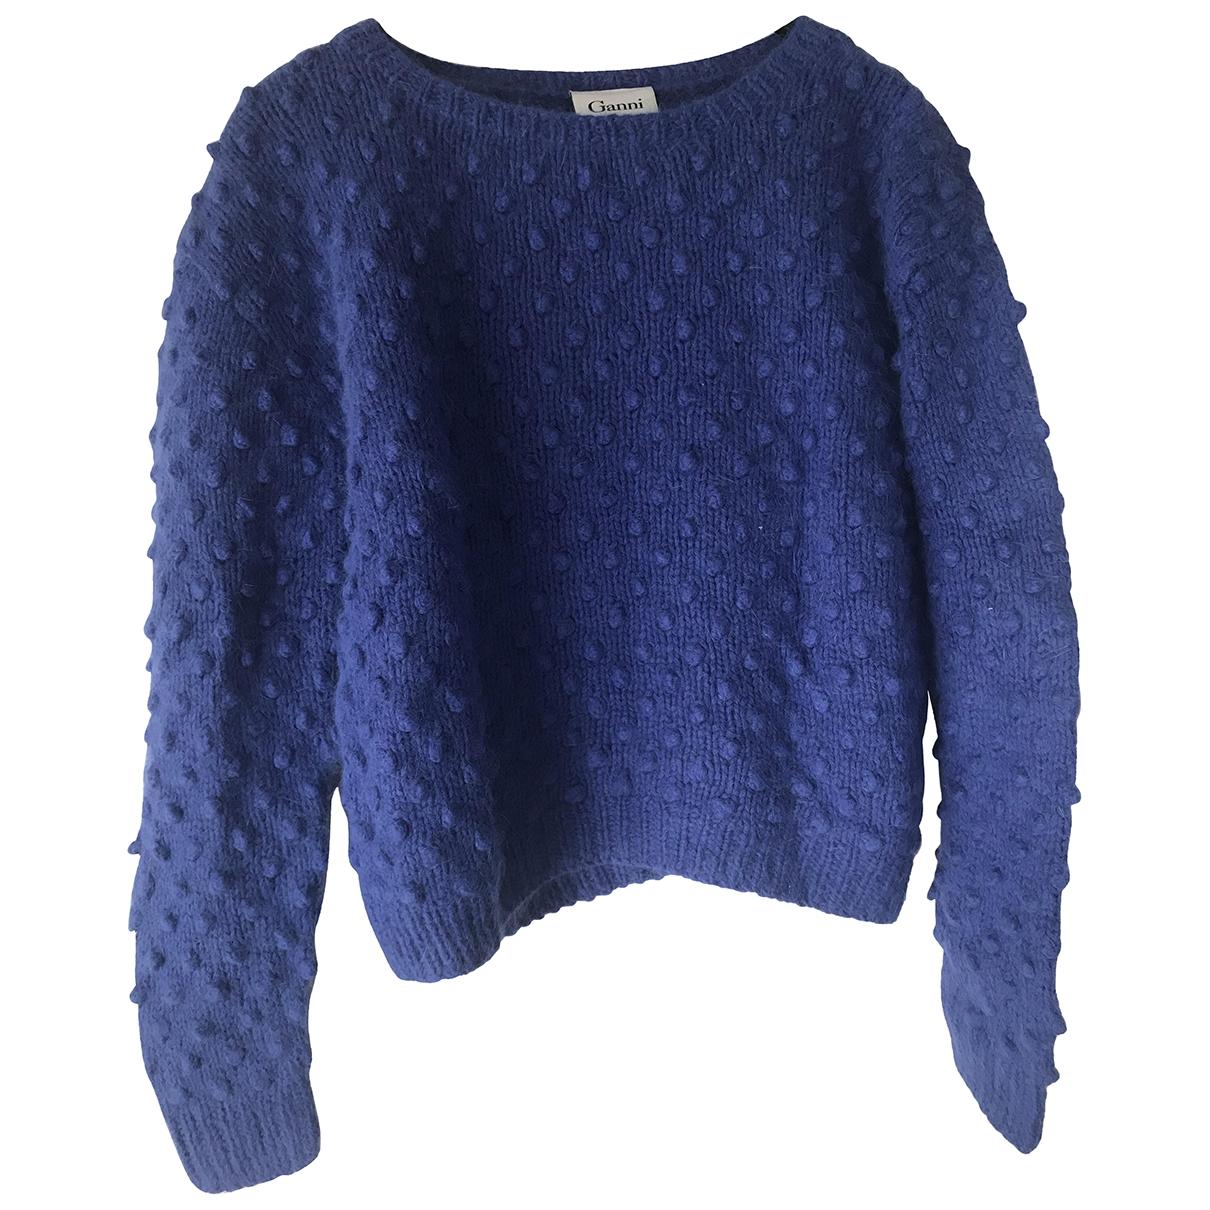 Ganni \N Pullover in  Blau Wolle